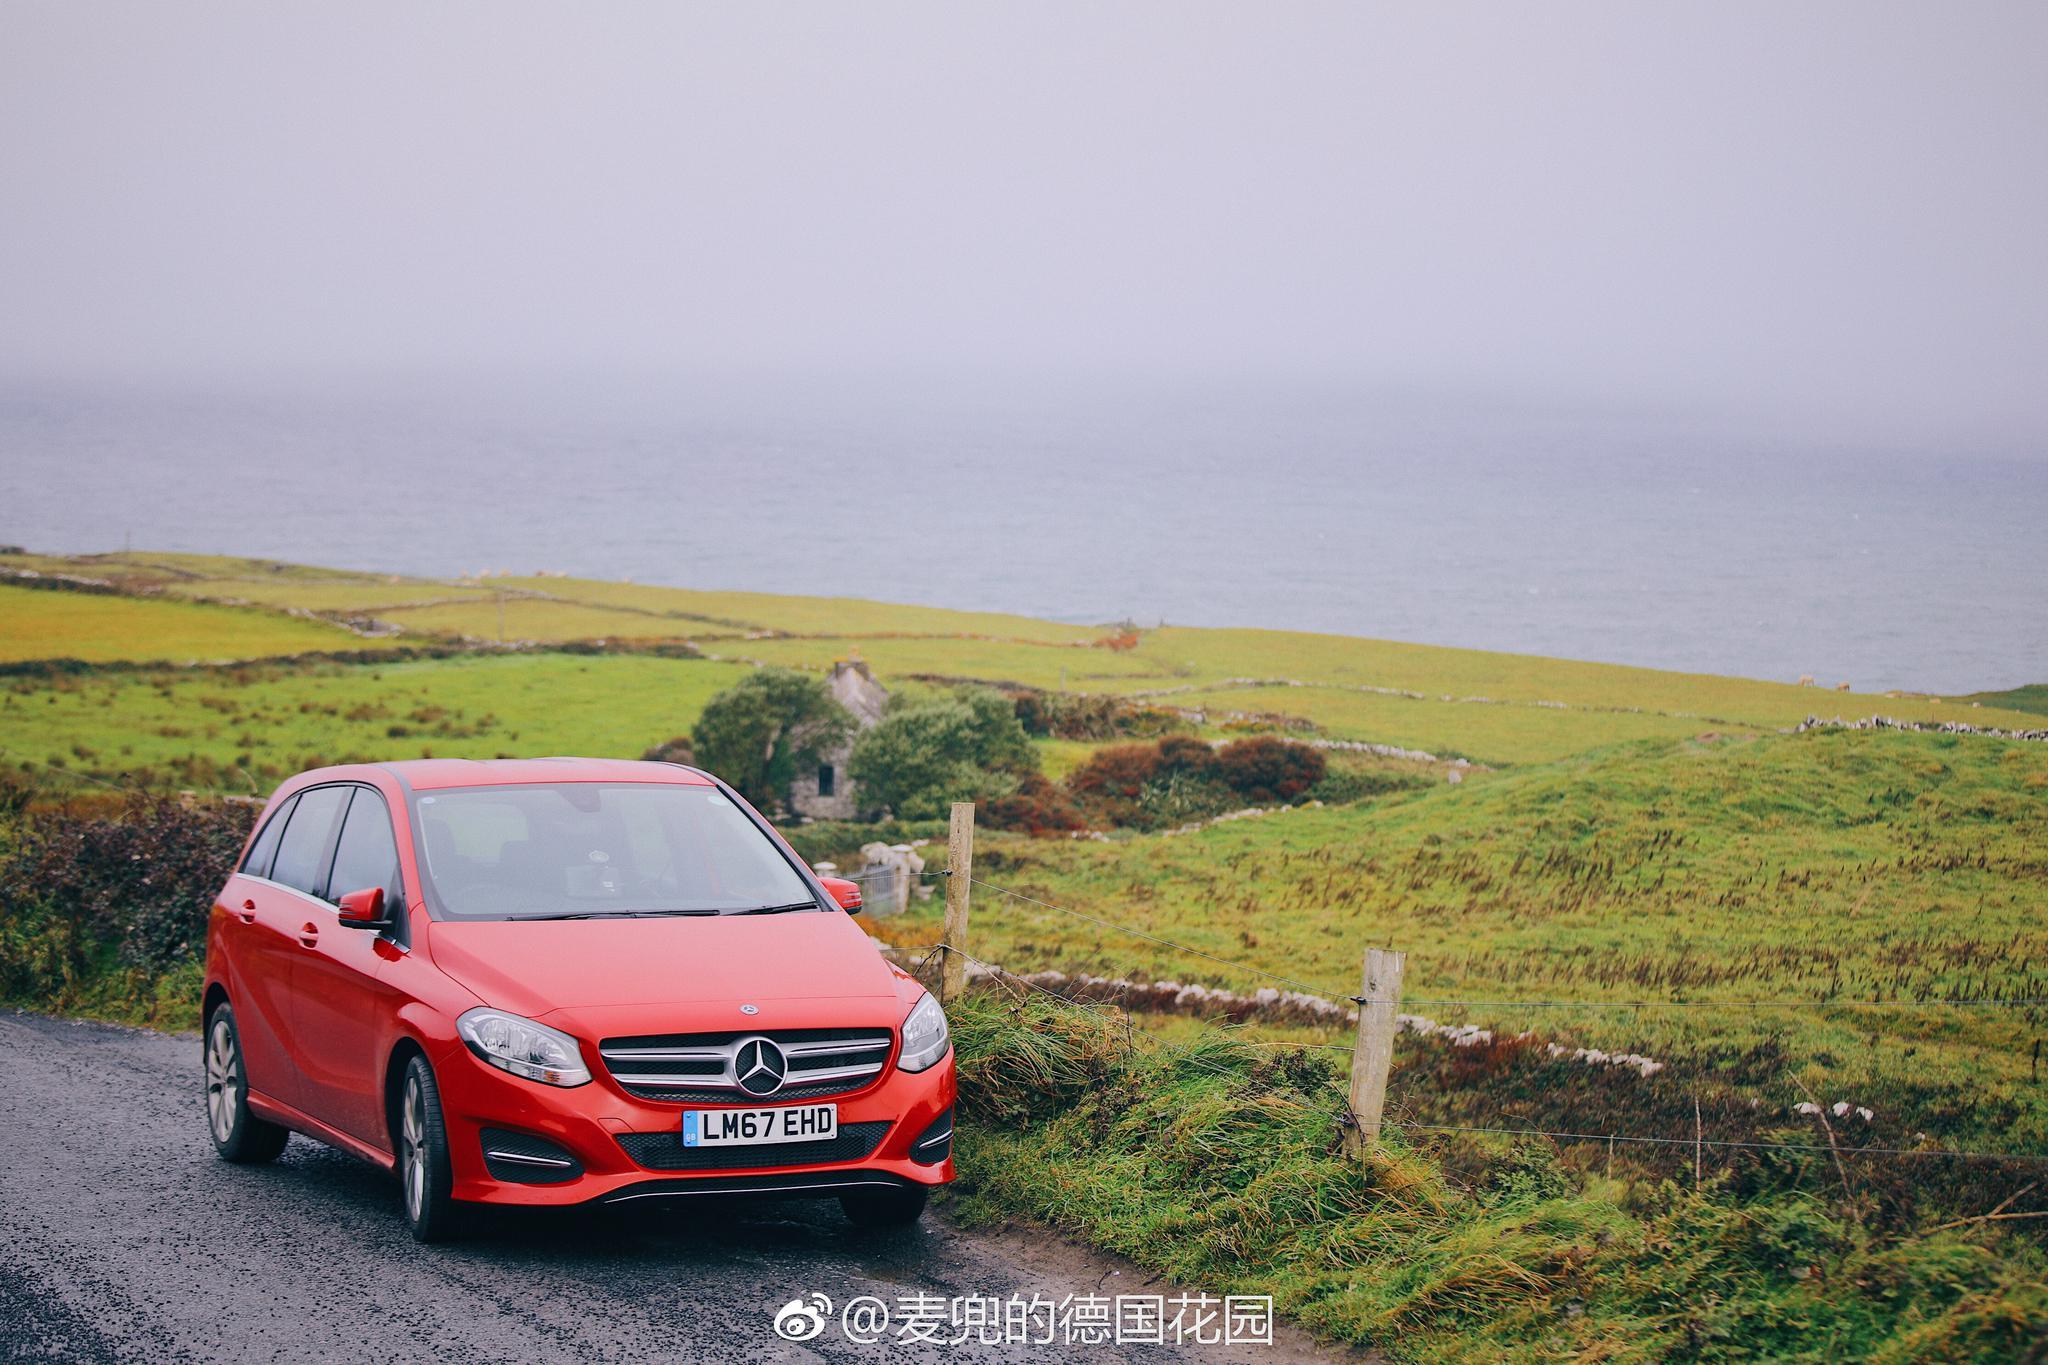 爱尔兰雨水充沛,尤其是狂野大西洋一路都是雾气缭绕